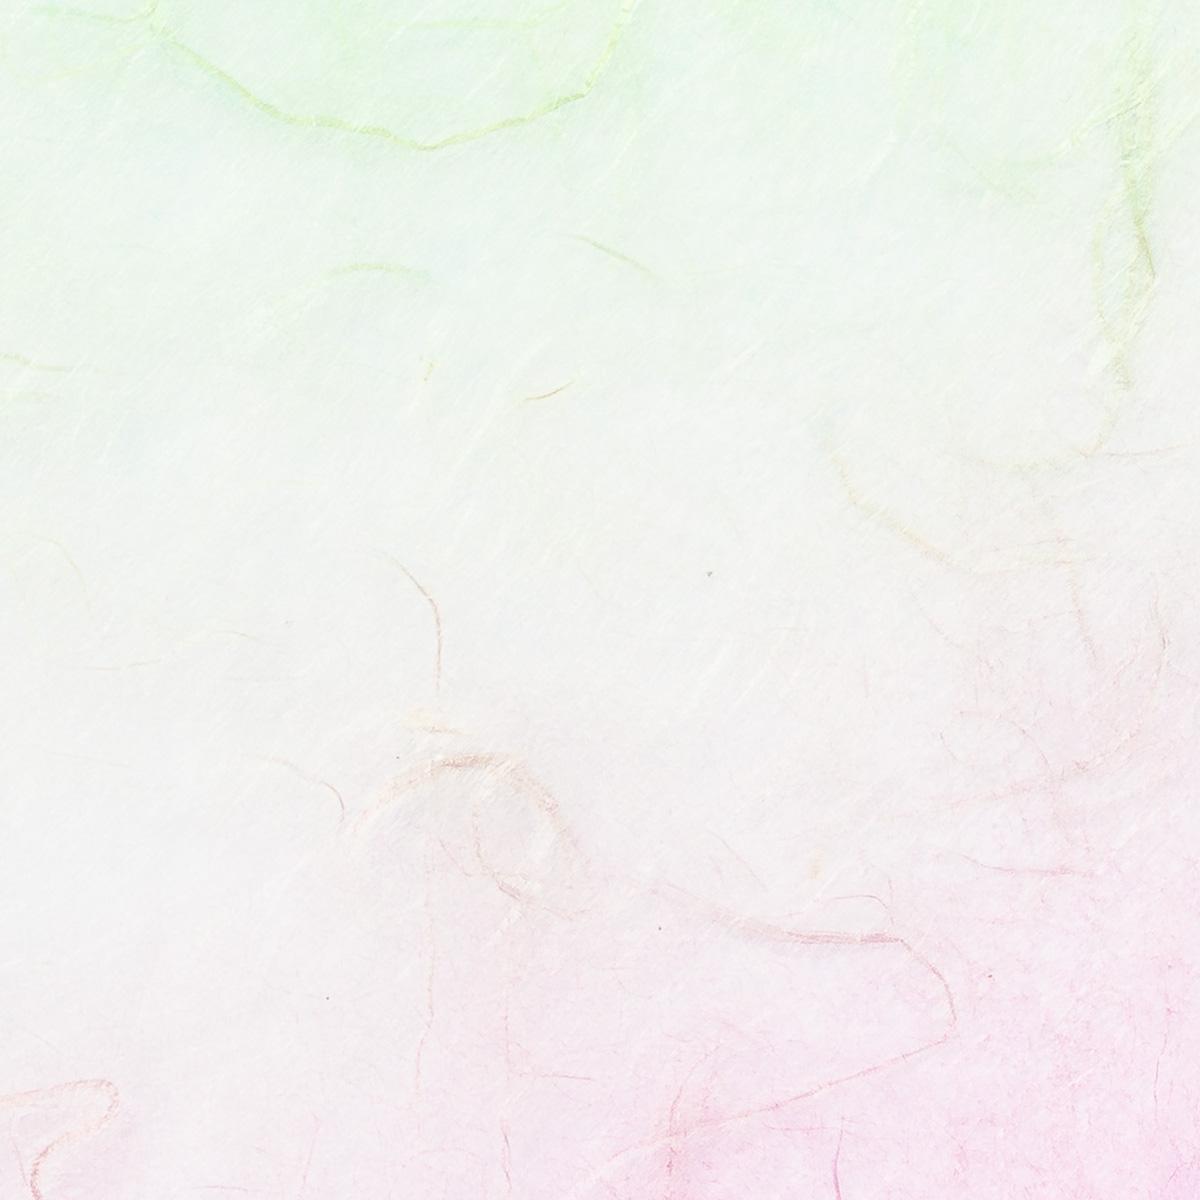 美濃 二色ぼかし雲龍紙 ピンク×緑